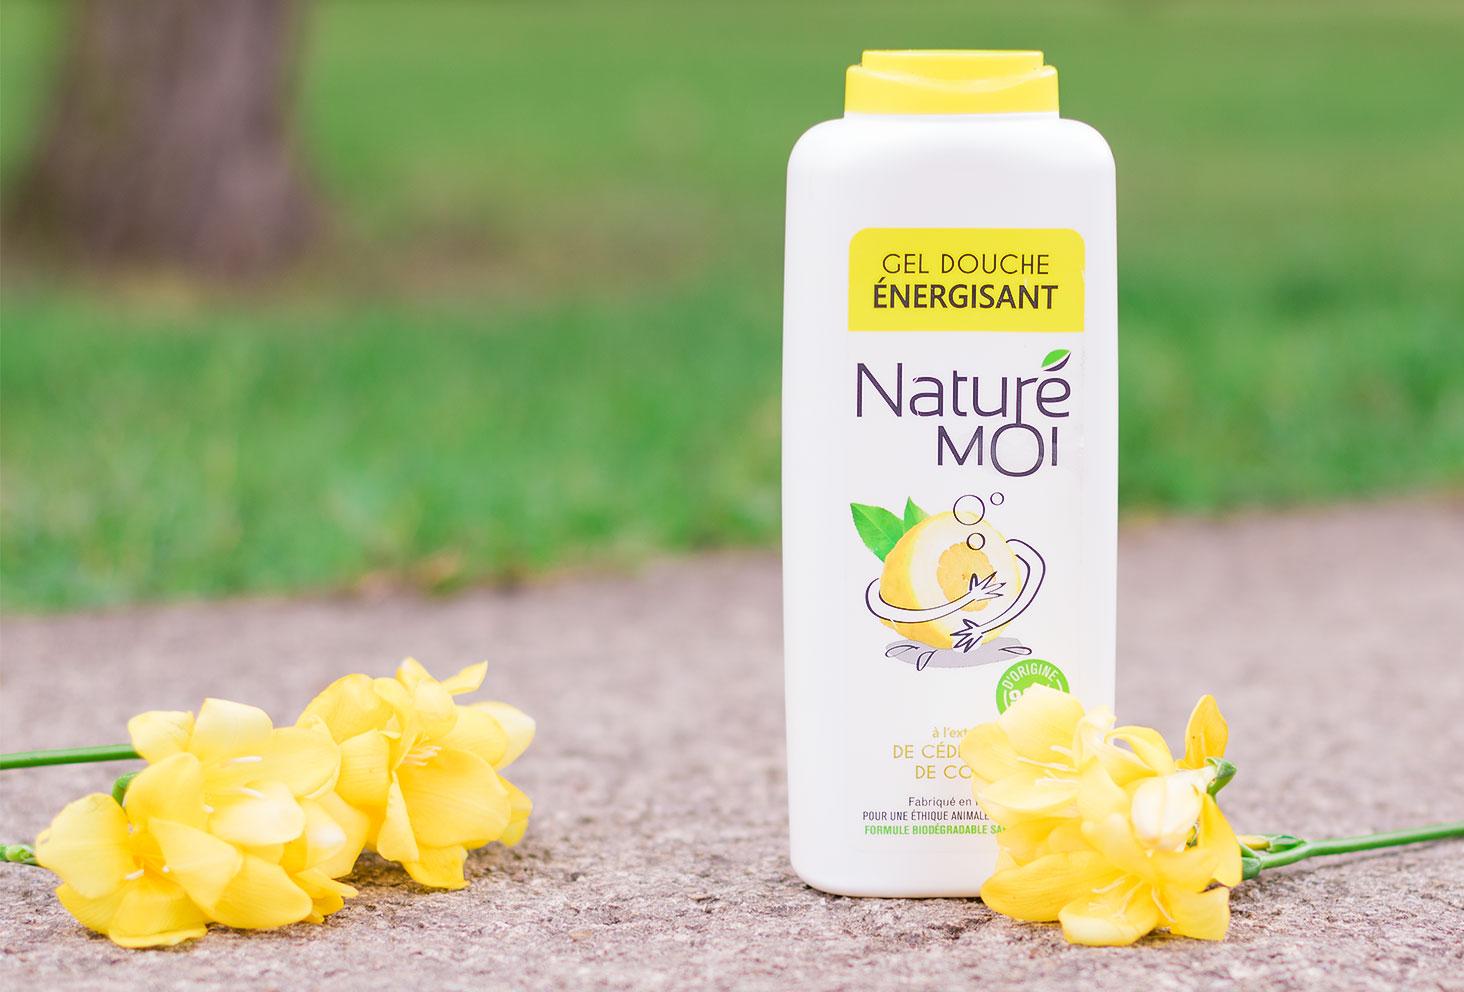 Le gel douche au citron bio Naturé Moi posé sur le sol au milieu des fleurs jaunes